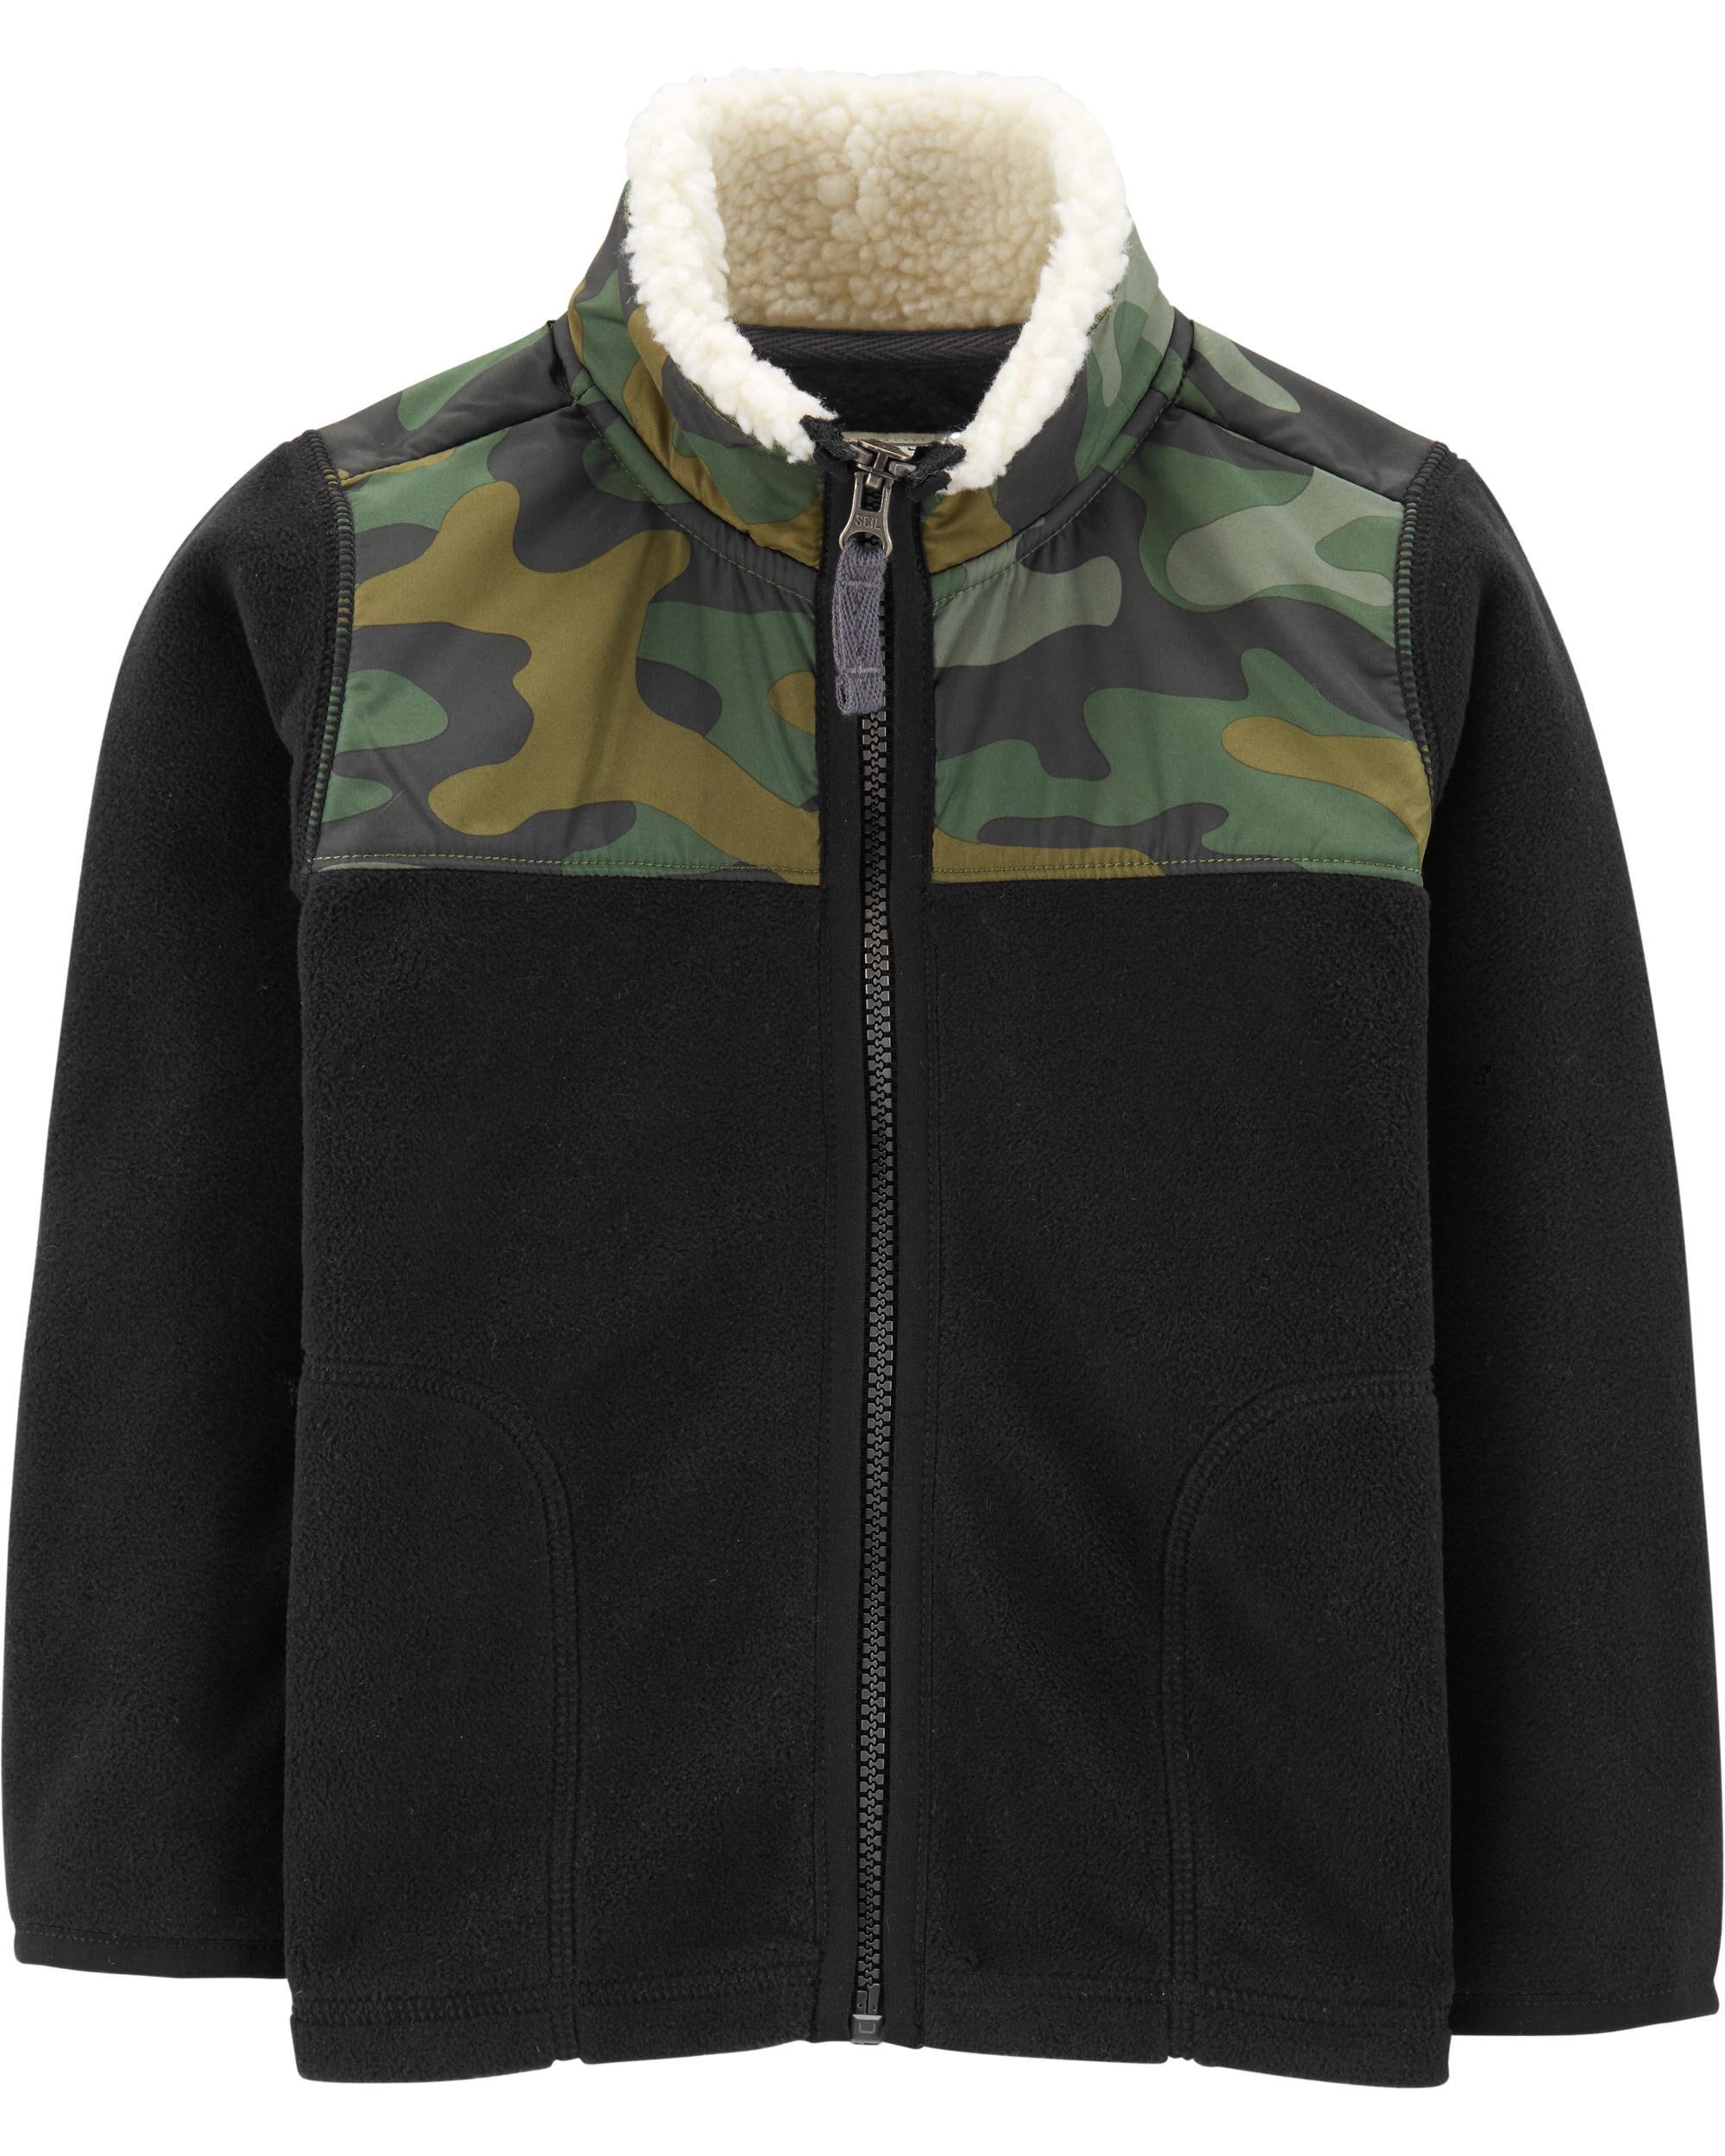 Camo Zip-Up Fleece Jacket Toddler Boy Rain Coats, Jackets \u0026 Outerwear | Carter\u0027s Free Shipping